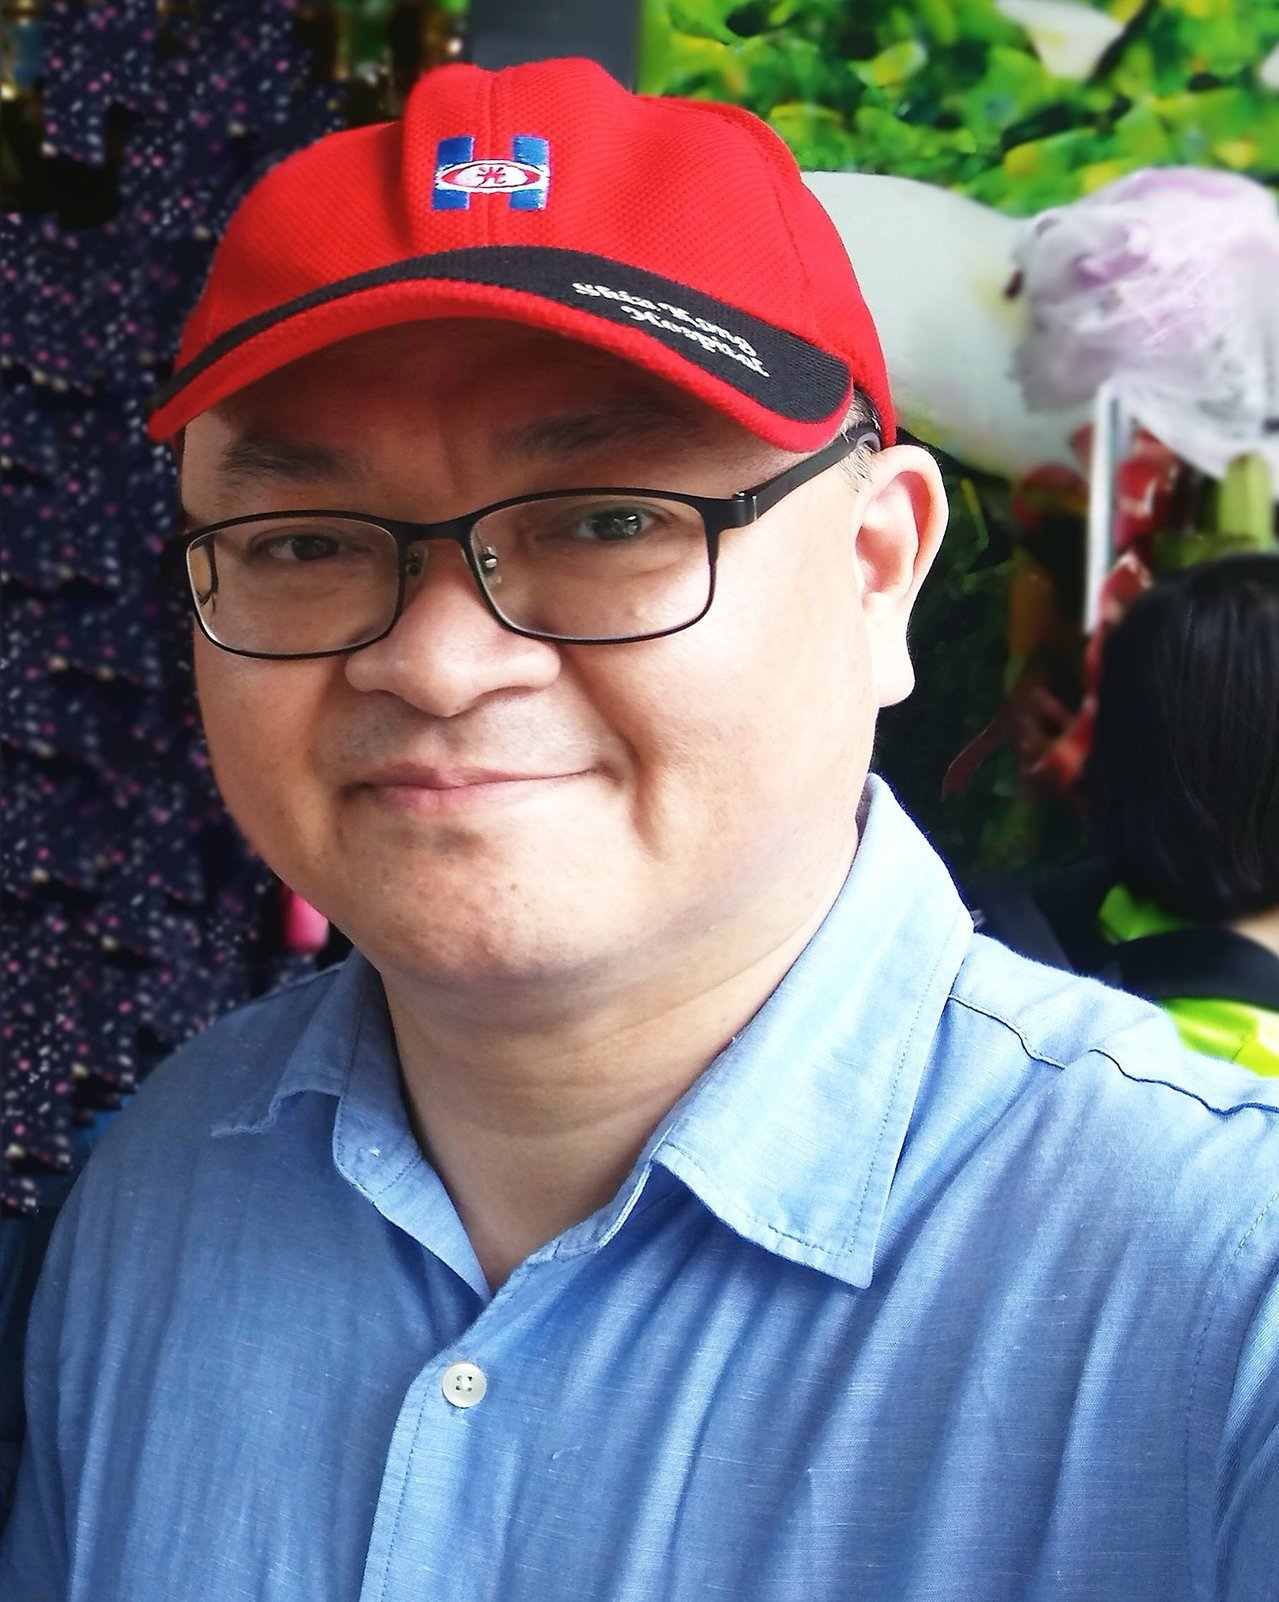 新光醫院急診醫學科主任張志華。圖/張志華提供